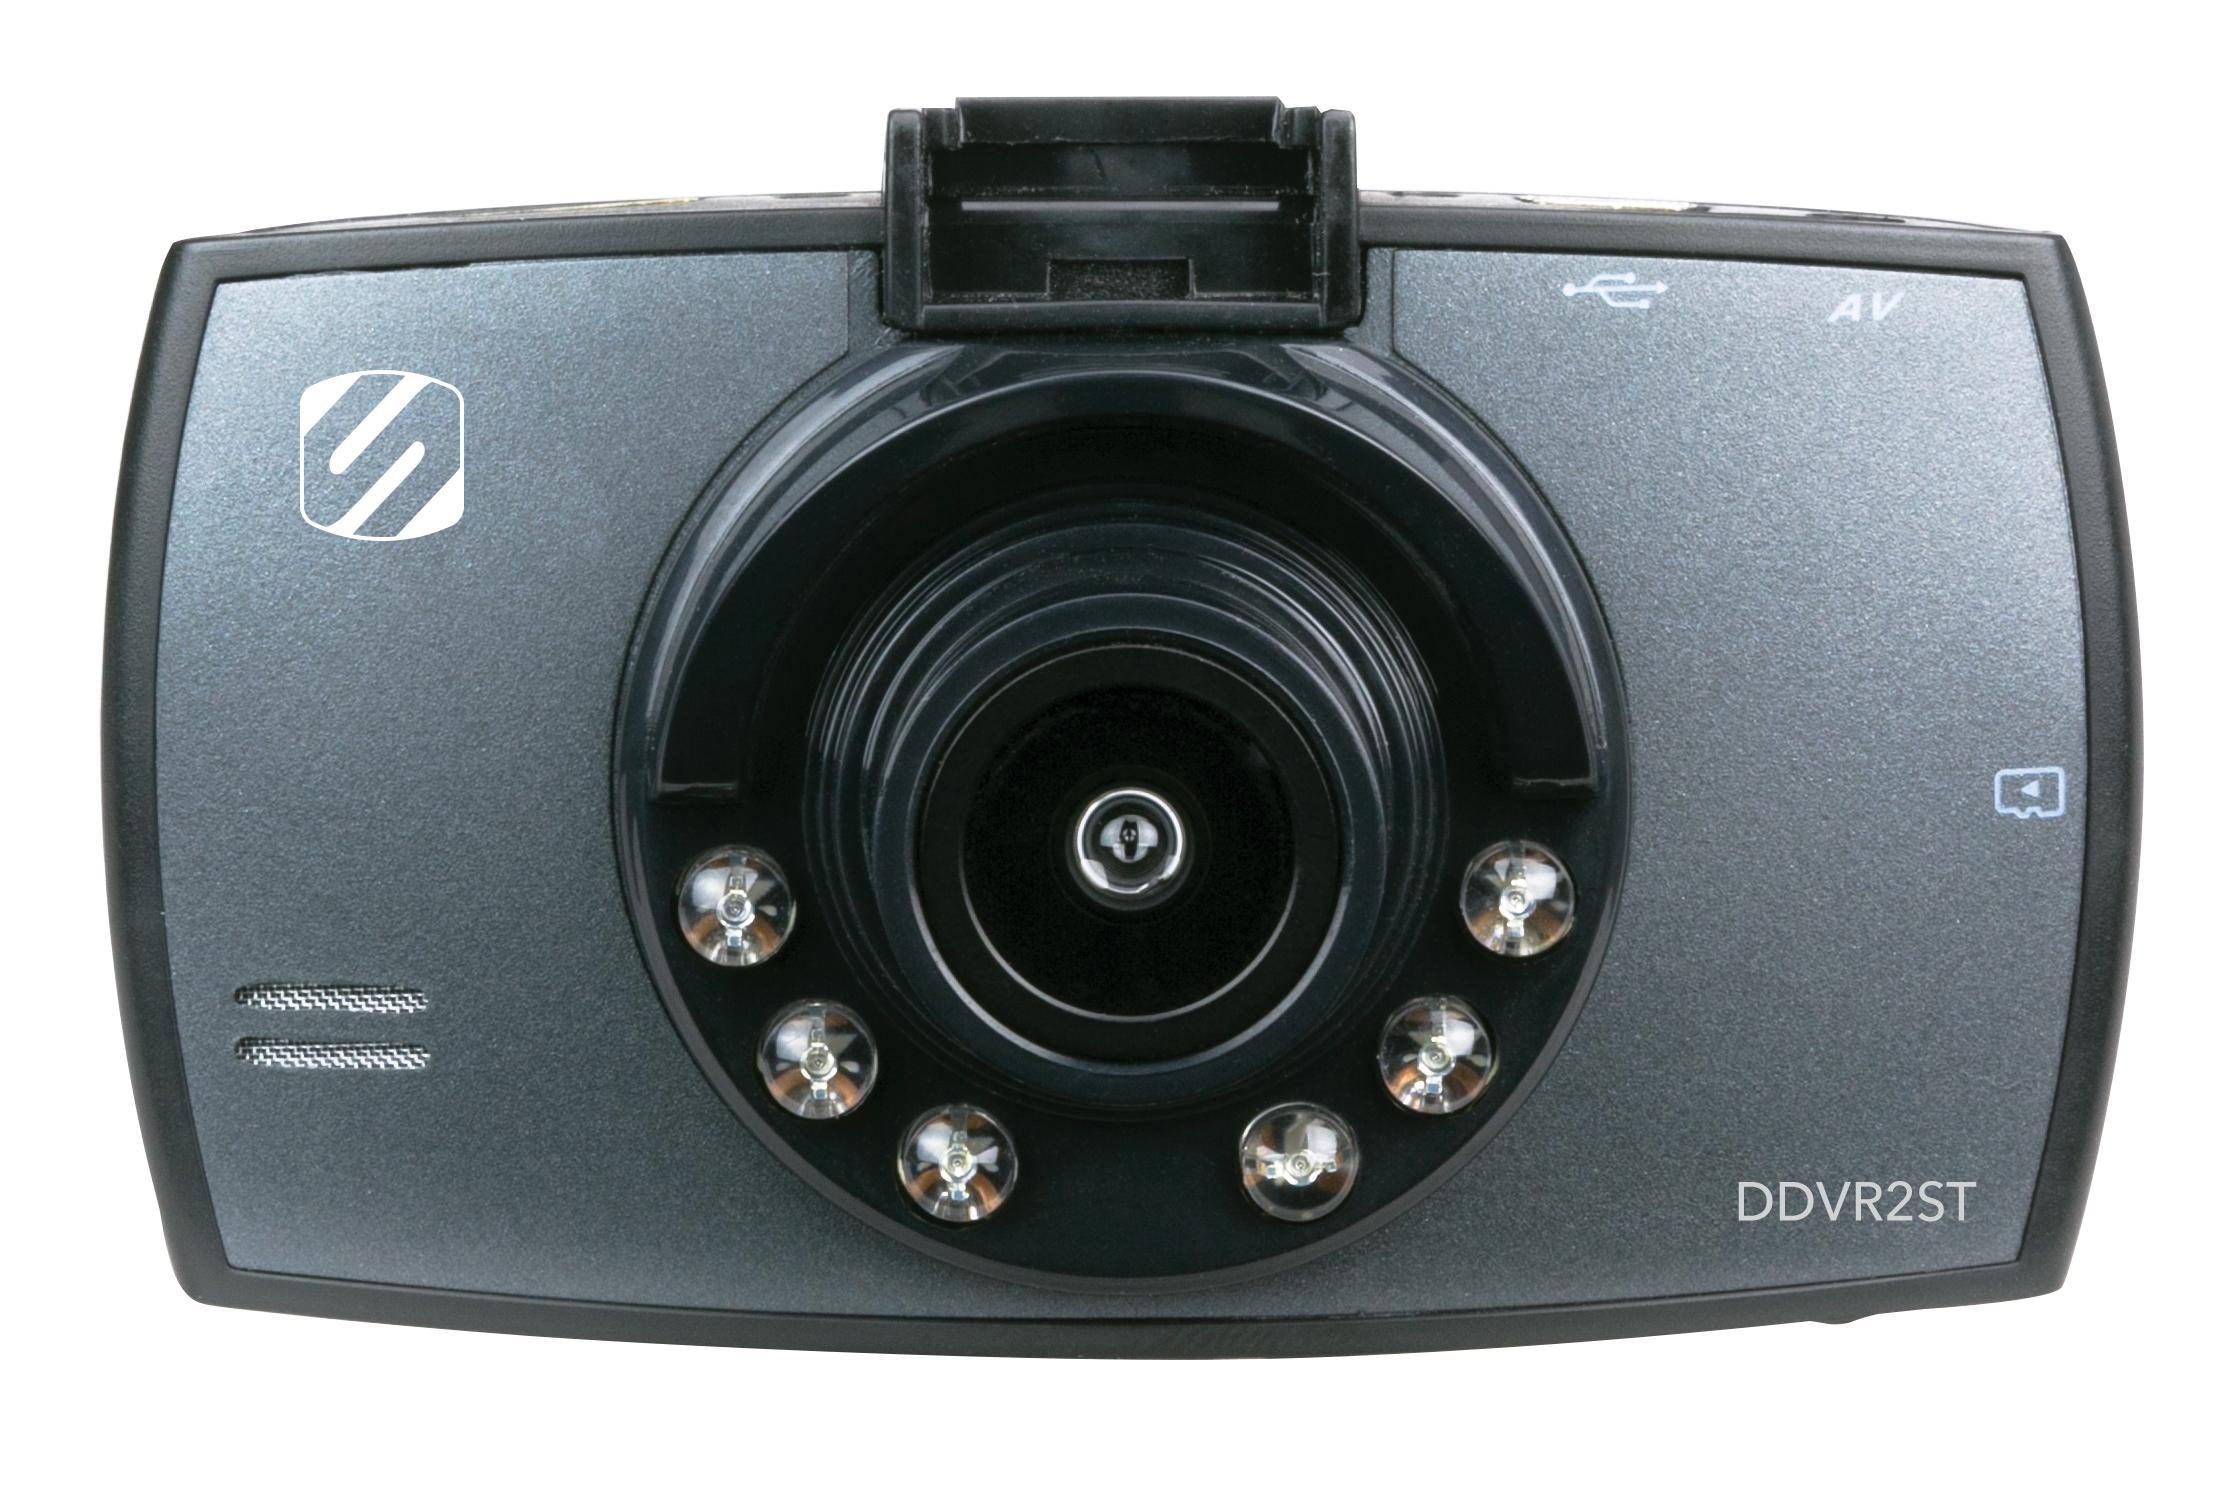 7843 SCOSCHE HD DVR DASH CAM Videoformat: AVI, Videoauflösung: 1080p HD, 720p HD, Bildschirmdiagonale: 2.4Zoll, microSD Blickwinkel: 100° Dashcam 7843 günstig kaufen